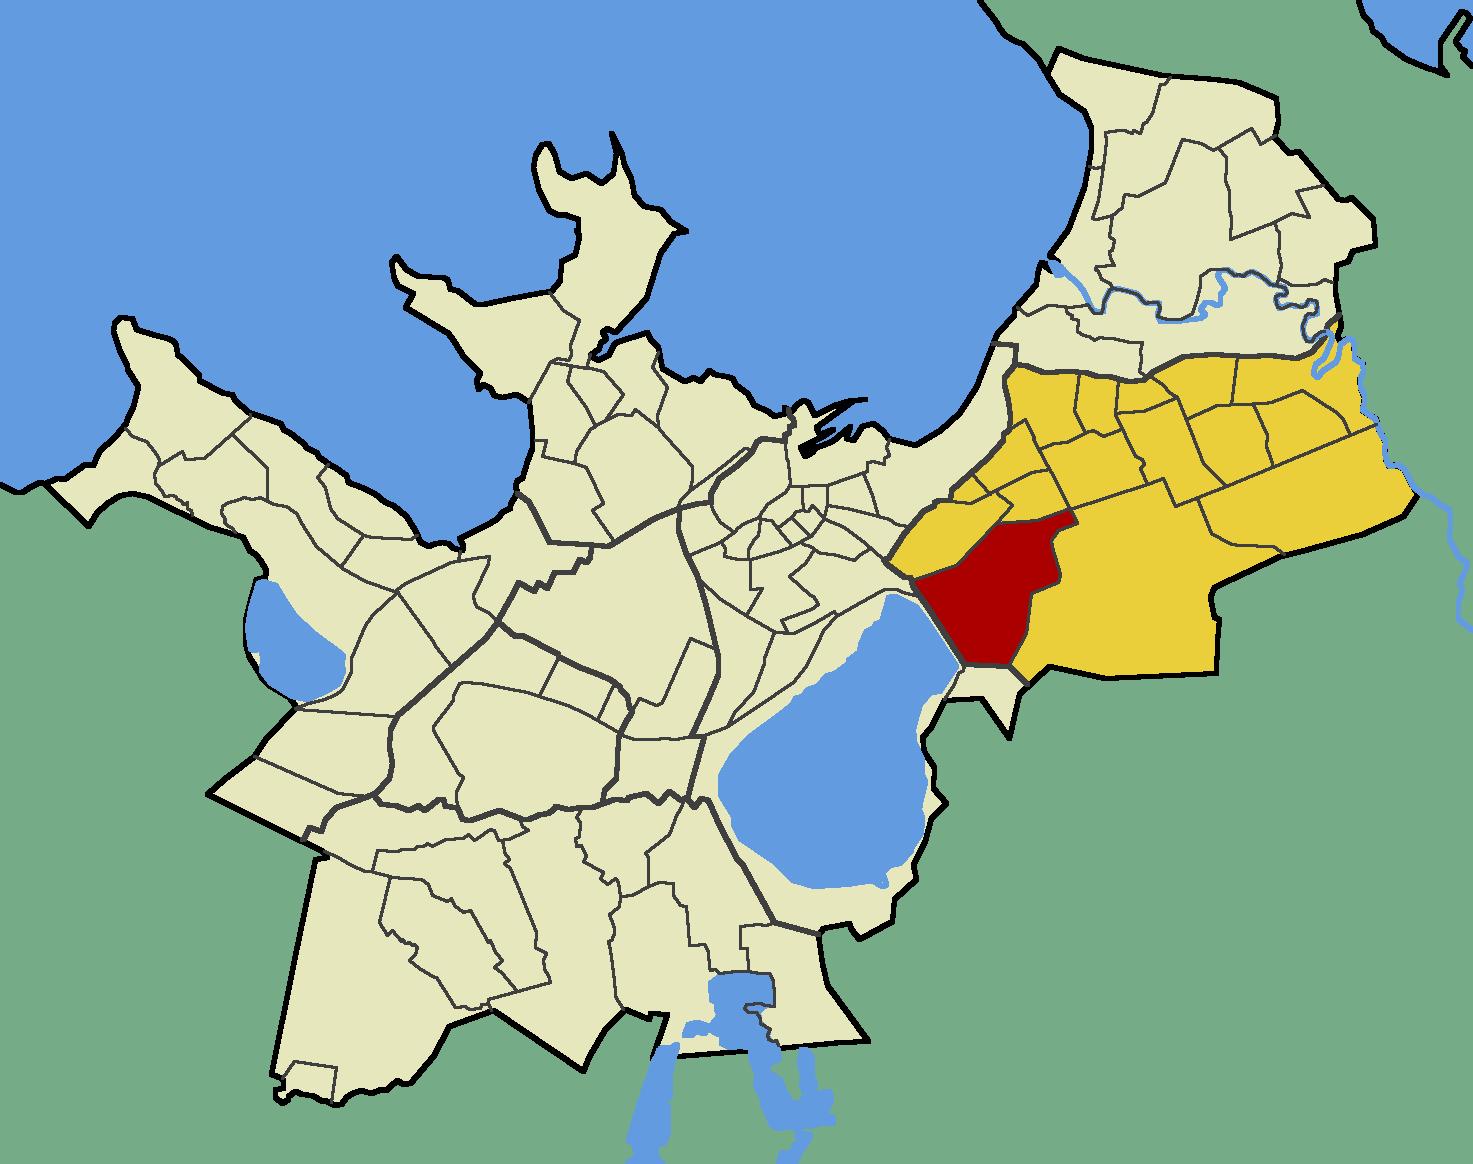 Ülemiste Tallinna kartta